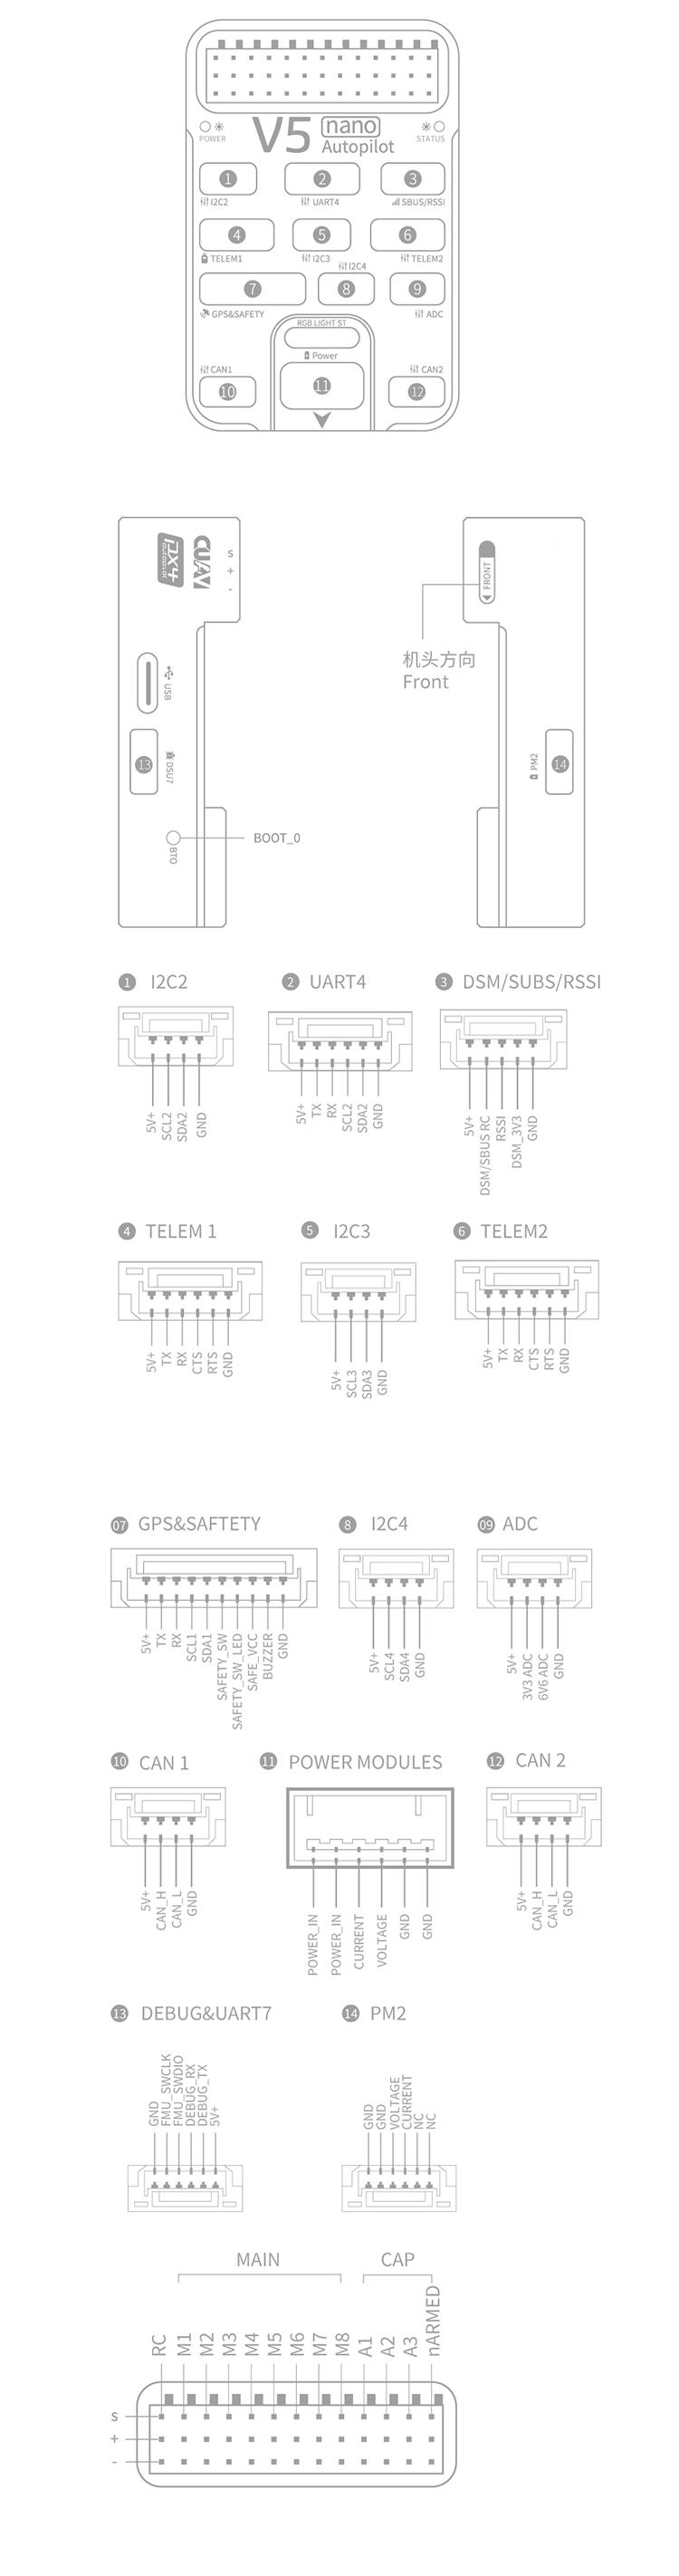 CUAV V5 Nano Overview — Copter documentation